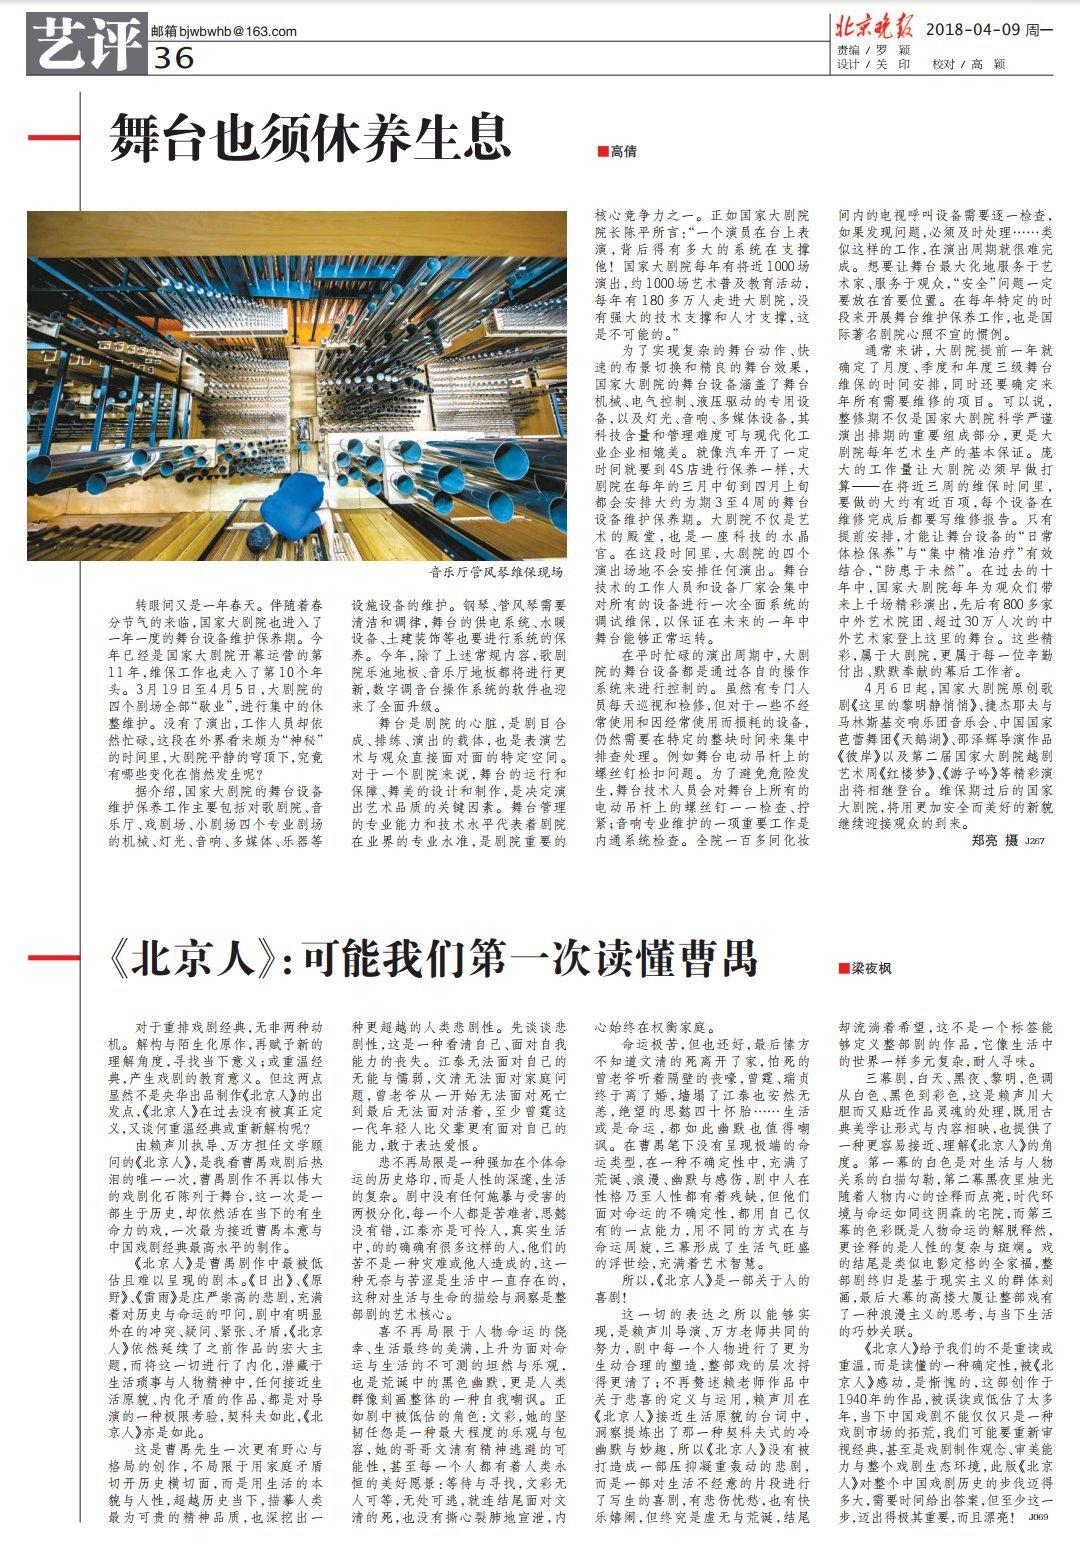 《北京人》:可能我们第一次读懂曹禺